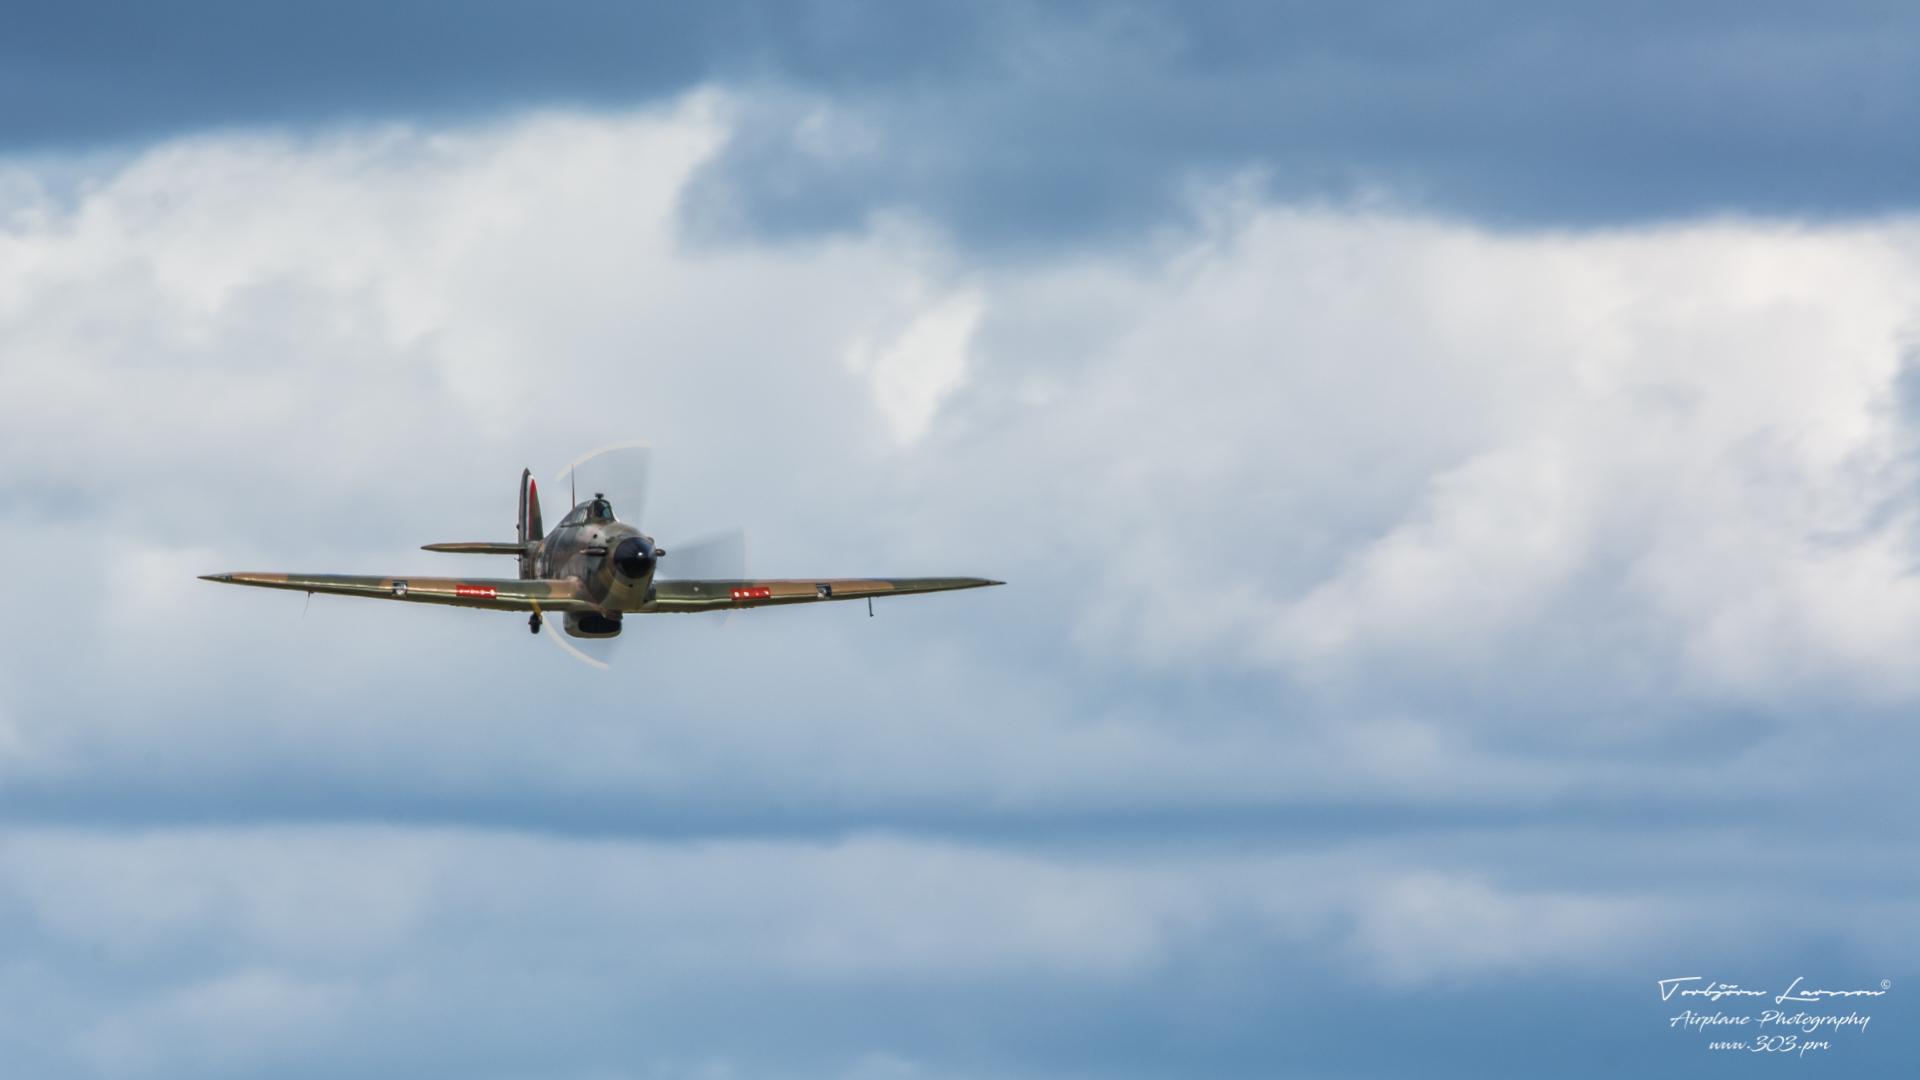 TBE_1496-Hawker Hurricane Mk1